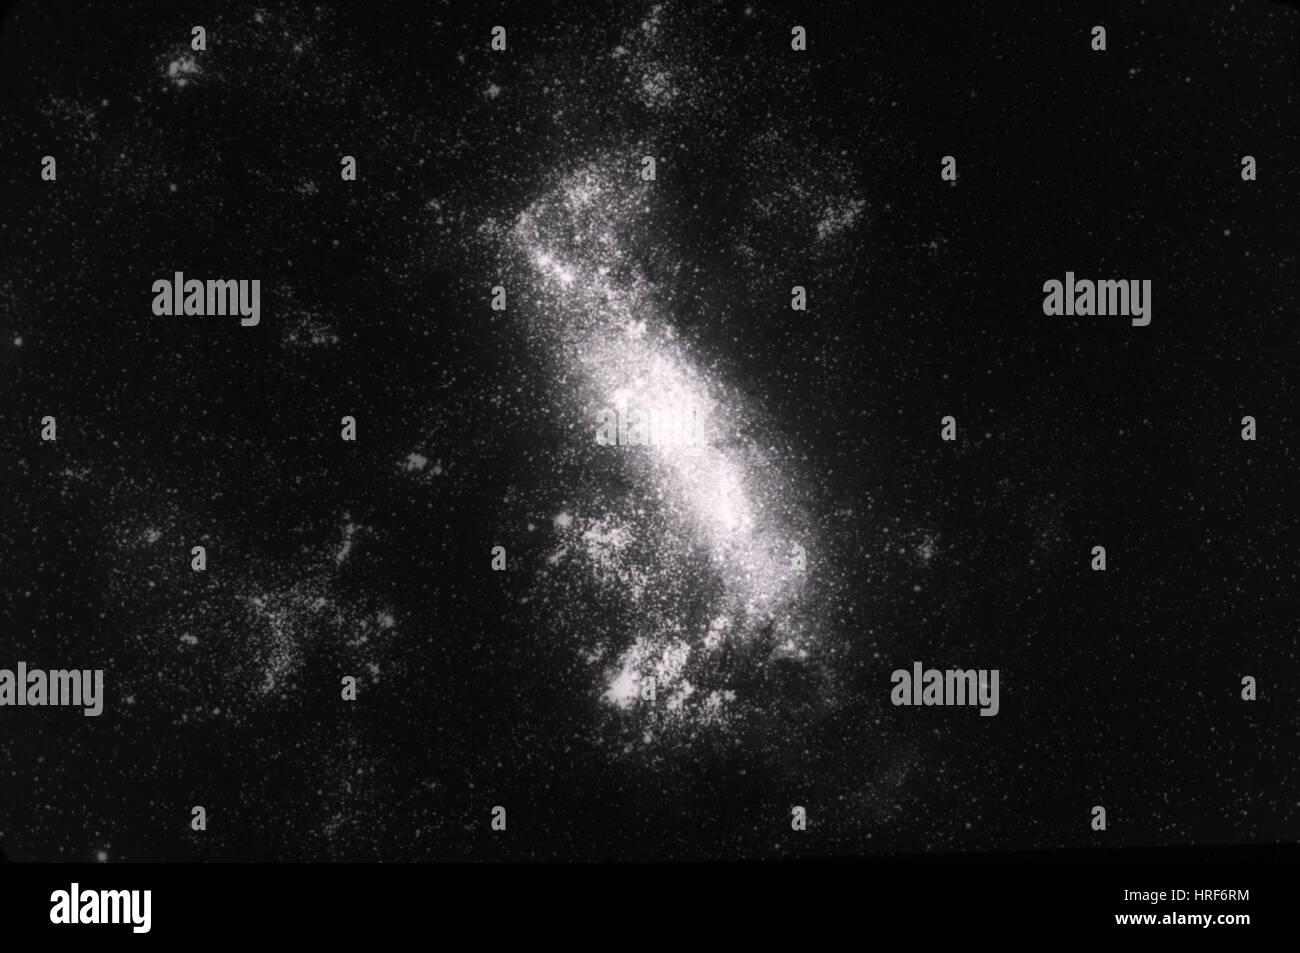 mensa constellation space astronomy stock photos mensa